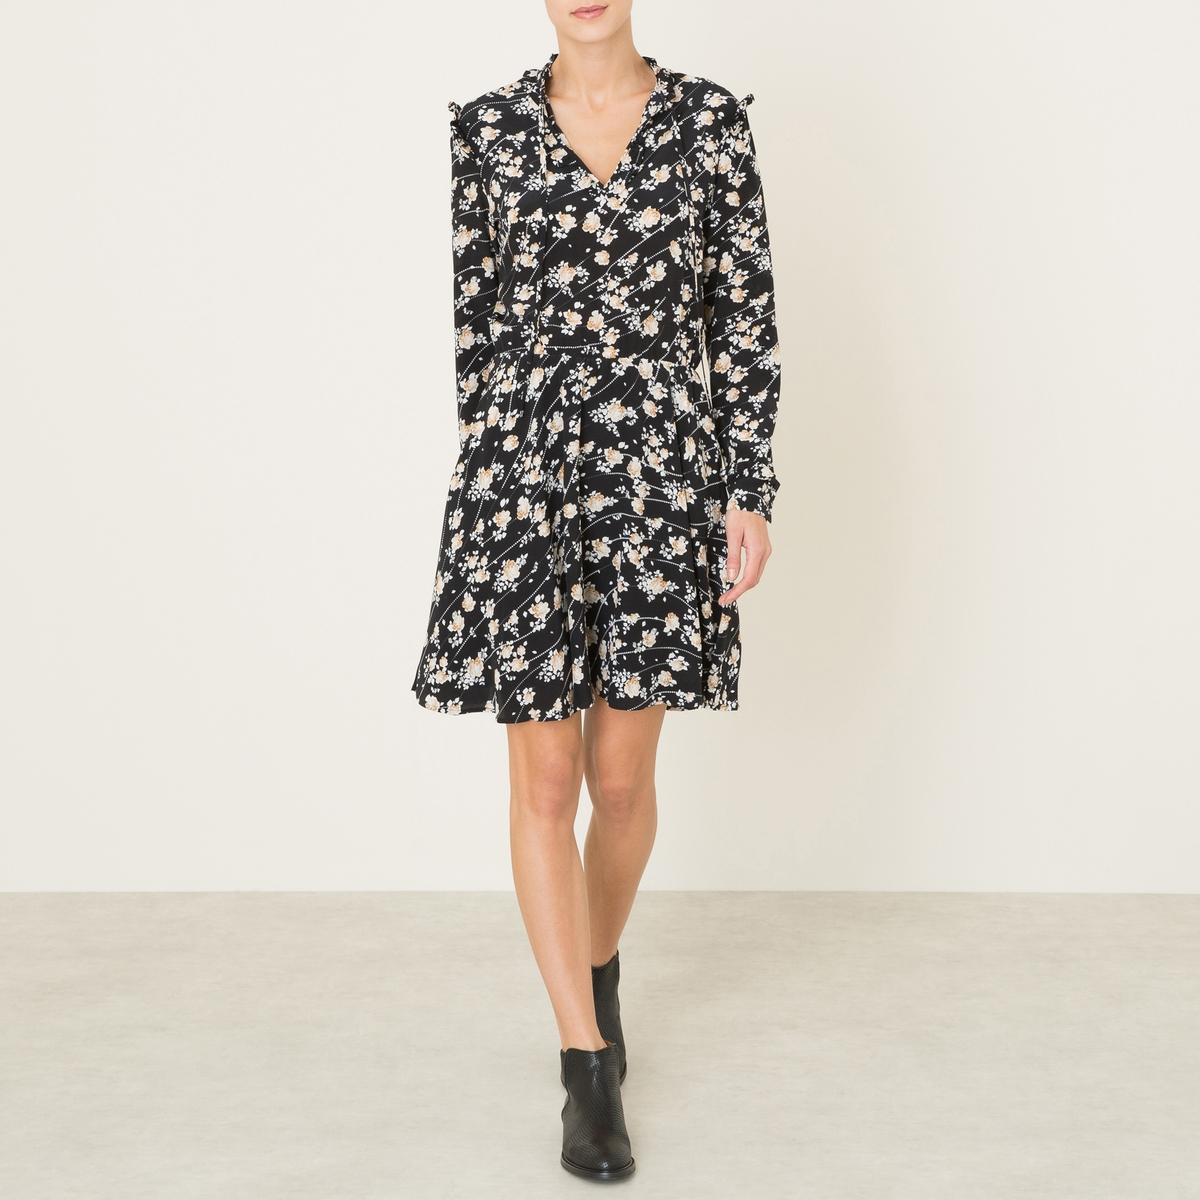 Платье из шелкаСостав и описание Материал : 100% шелкПодкладка 100% полиэстерМарка : THE KOOPLES<br><br>Цвет: черный